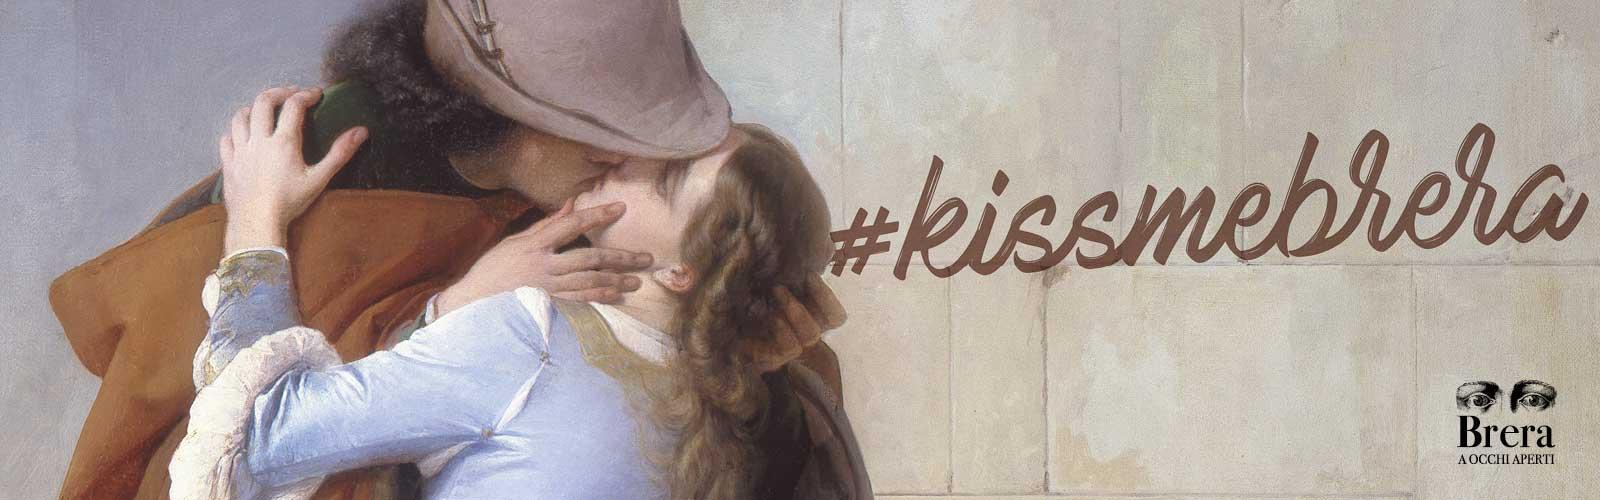 #kissmebrera